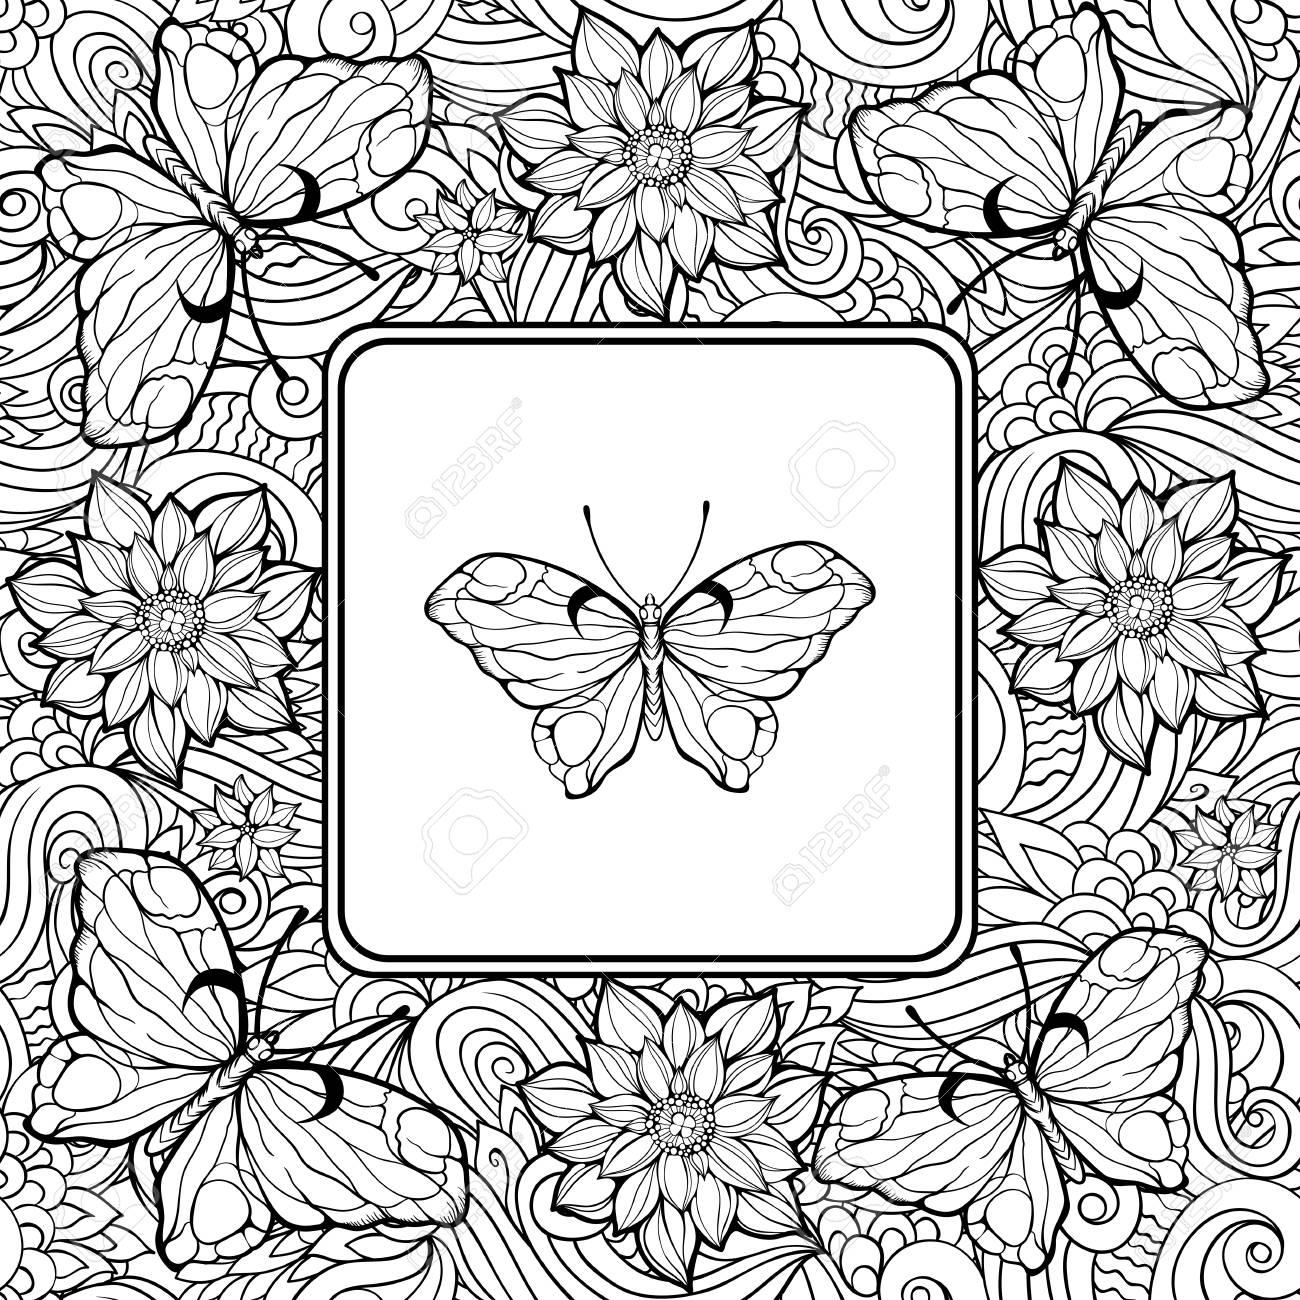 Dibujo Para Colorear Con La Mariposa En El Centro Y El Patrón De Flores Y Mariposas